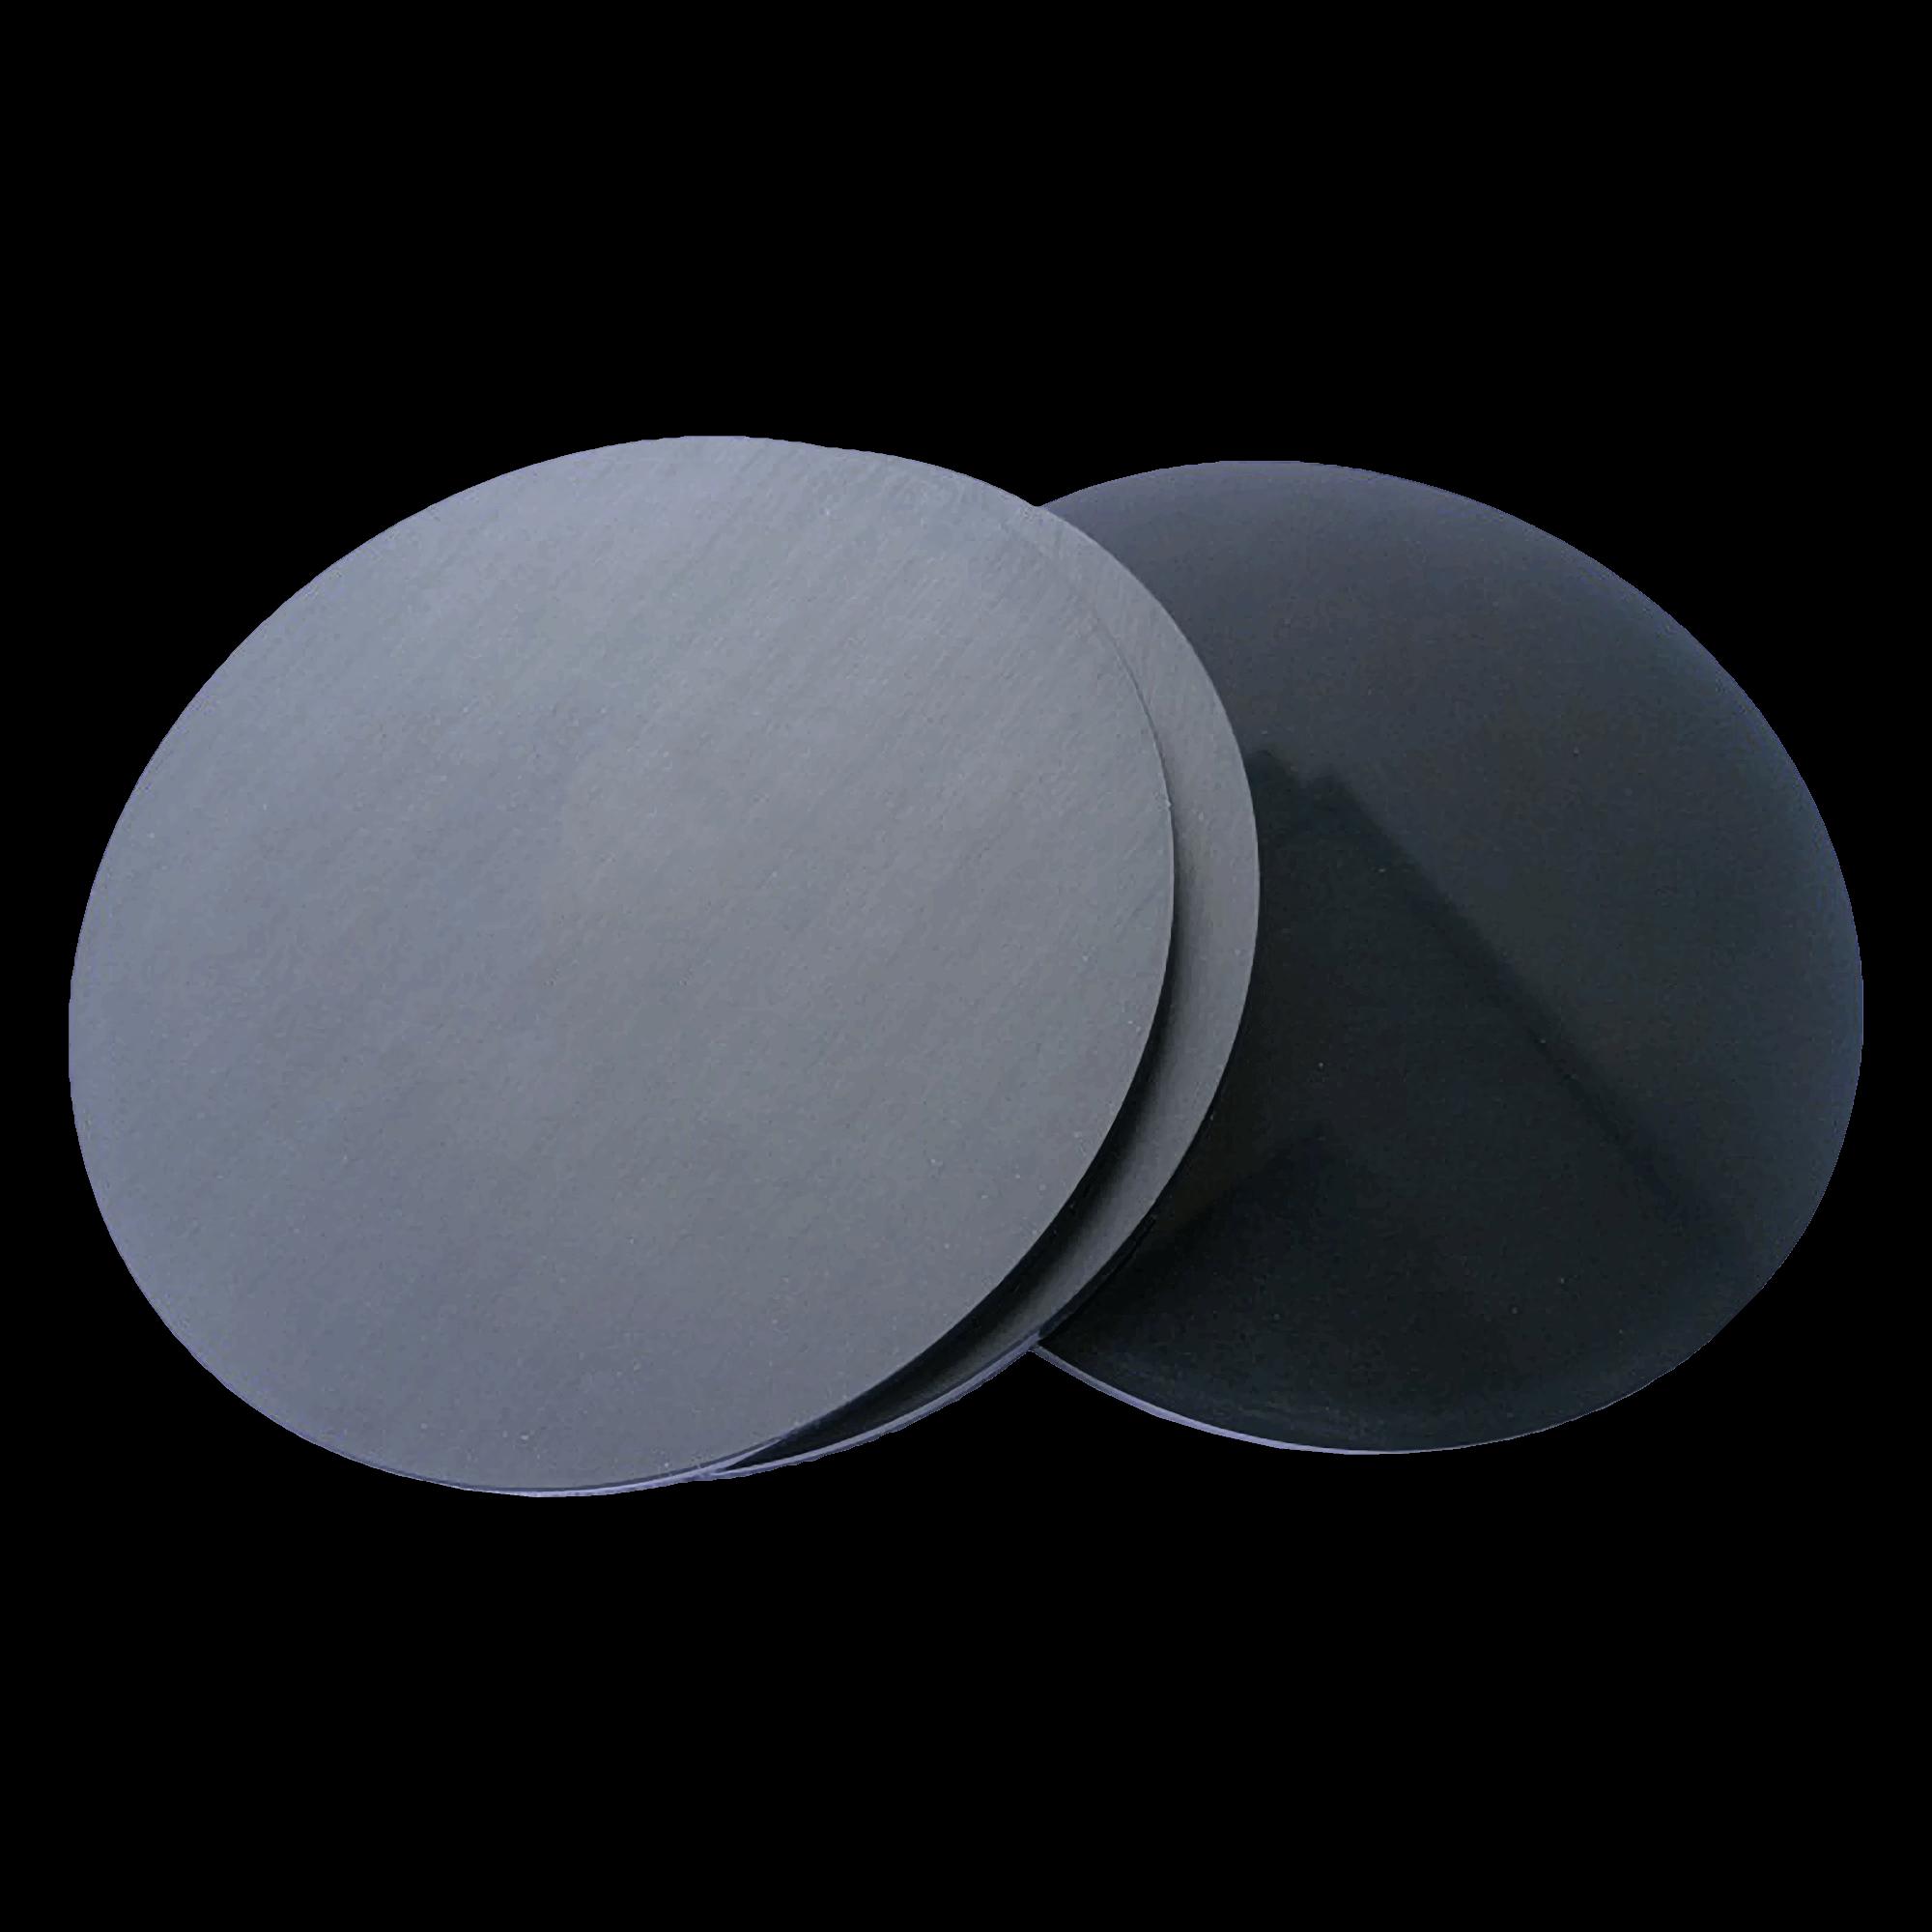 Samm Teknoloji - PR5X-500-80 Parlatma pad (3adet/set), 80 Shore, 127mm